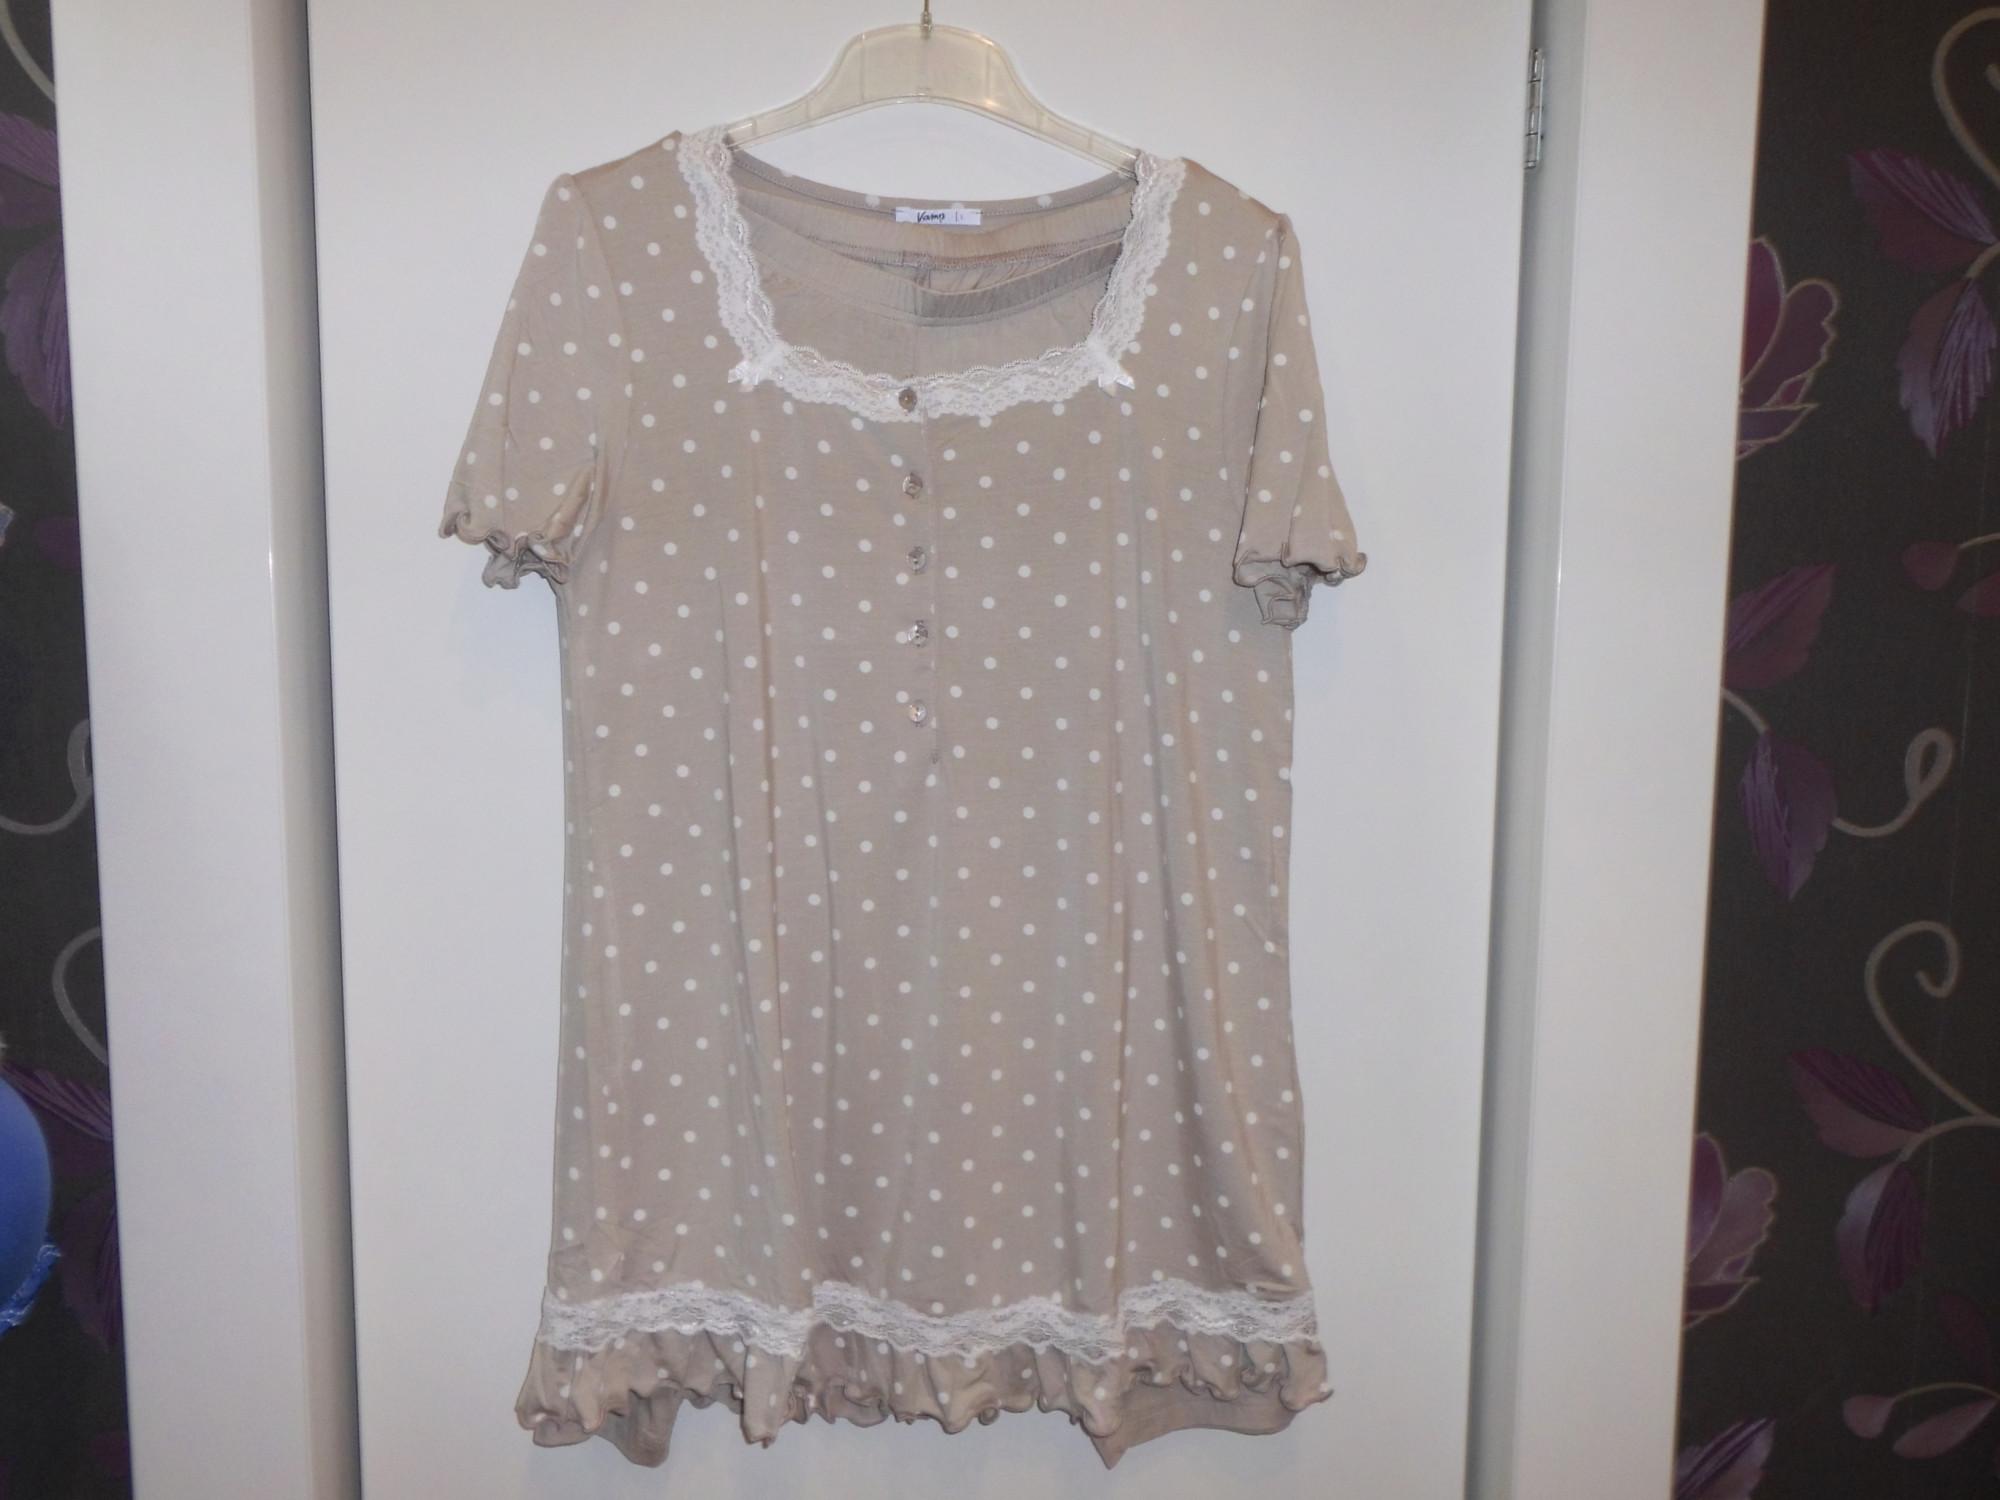 Dámské pyžamo 3140 -Vamp Barva: béžová/bílý puntík, Velikost: L